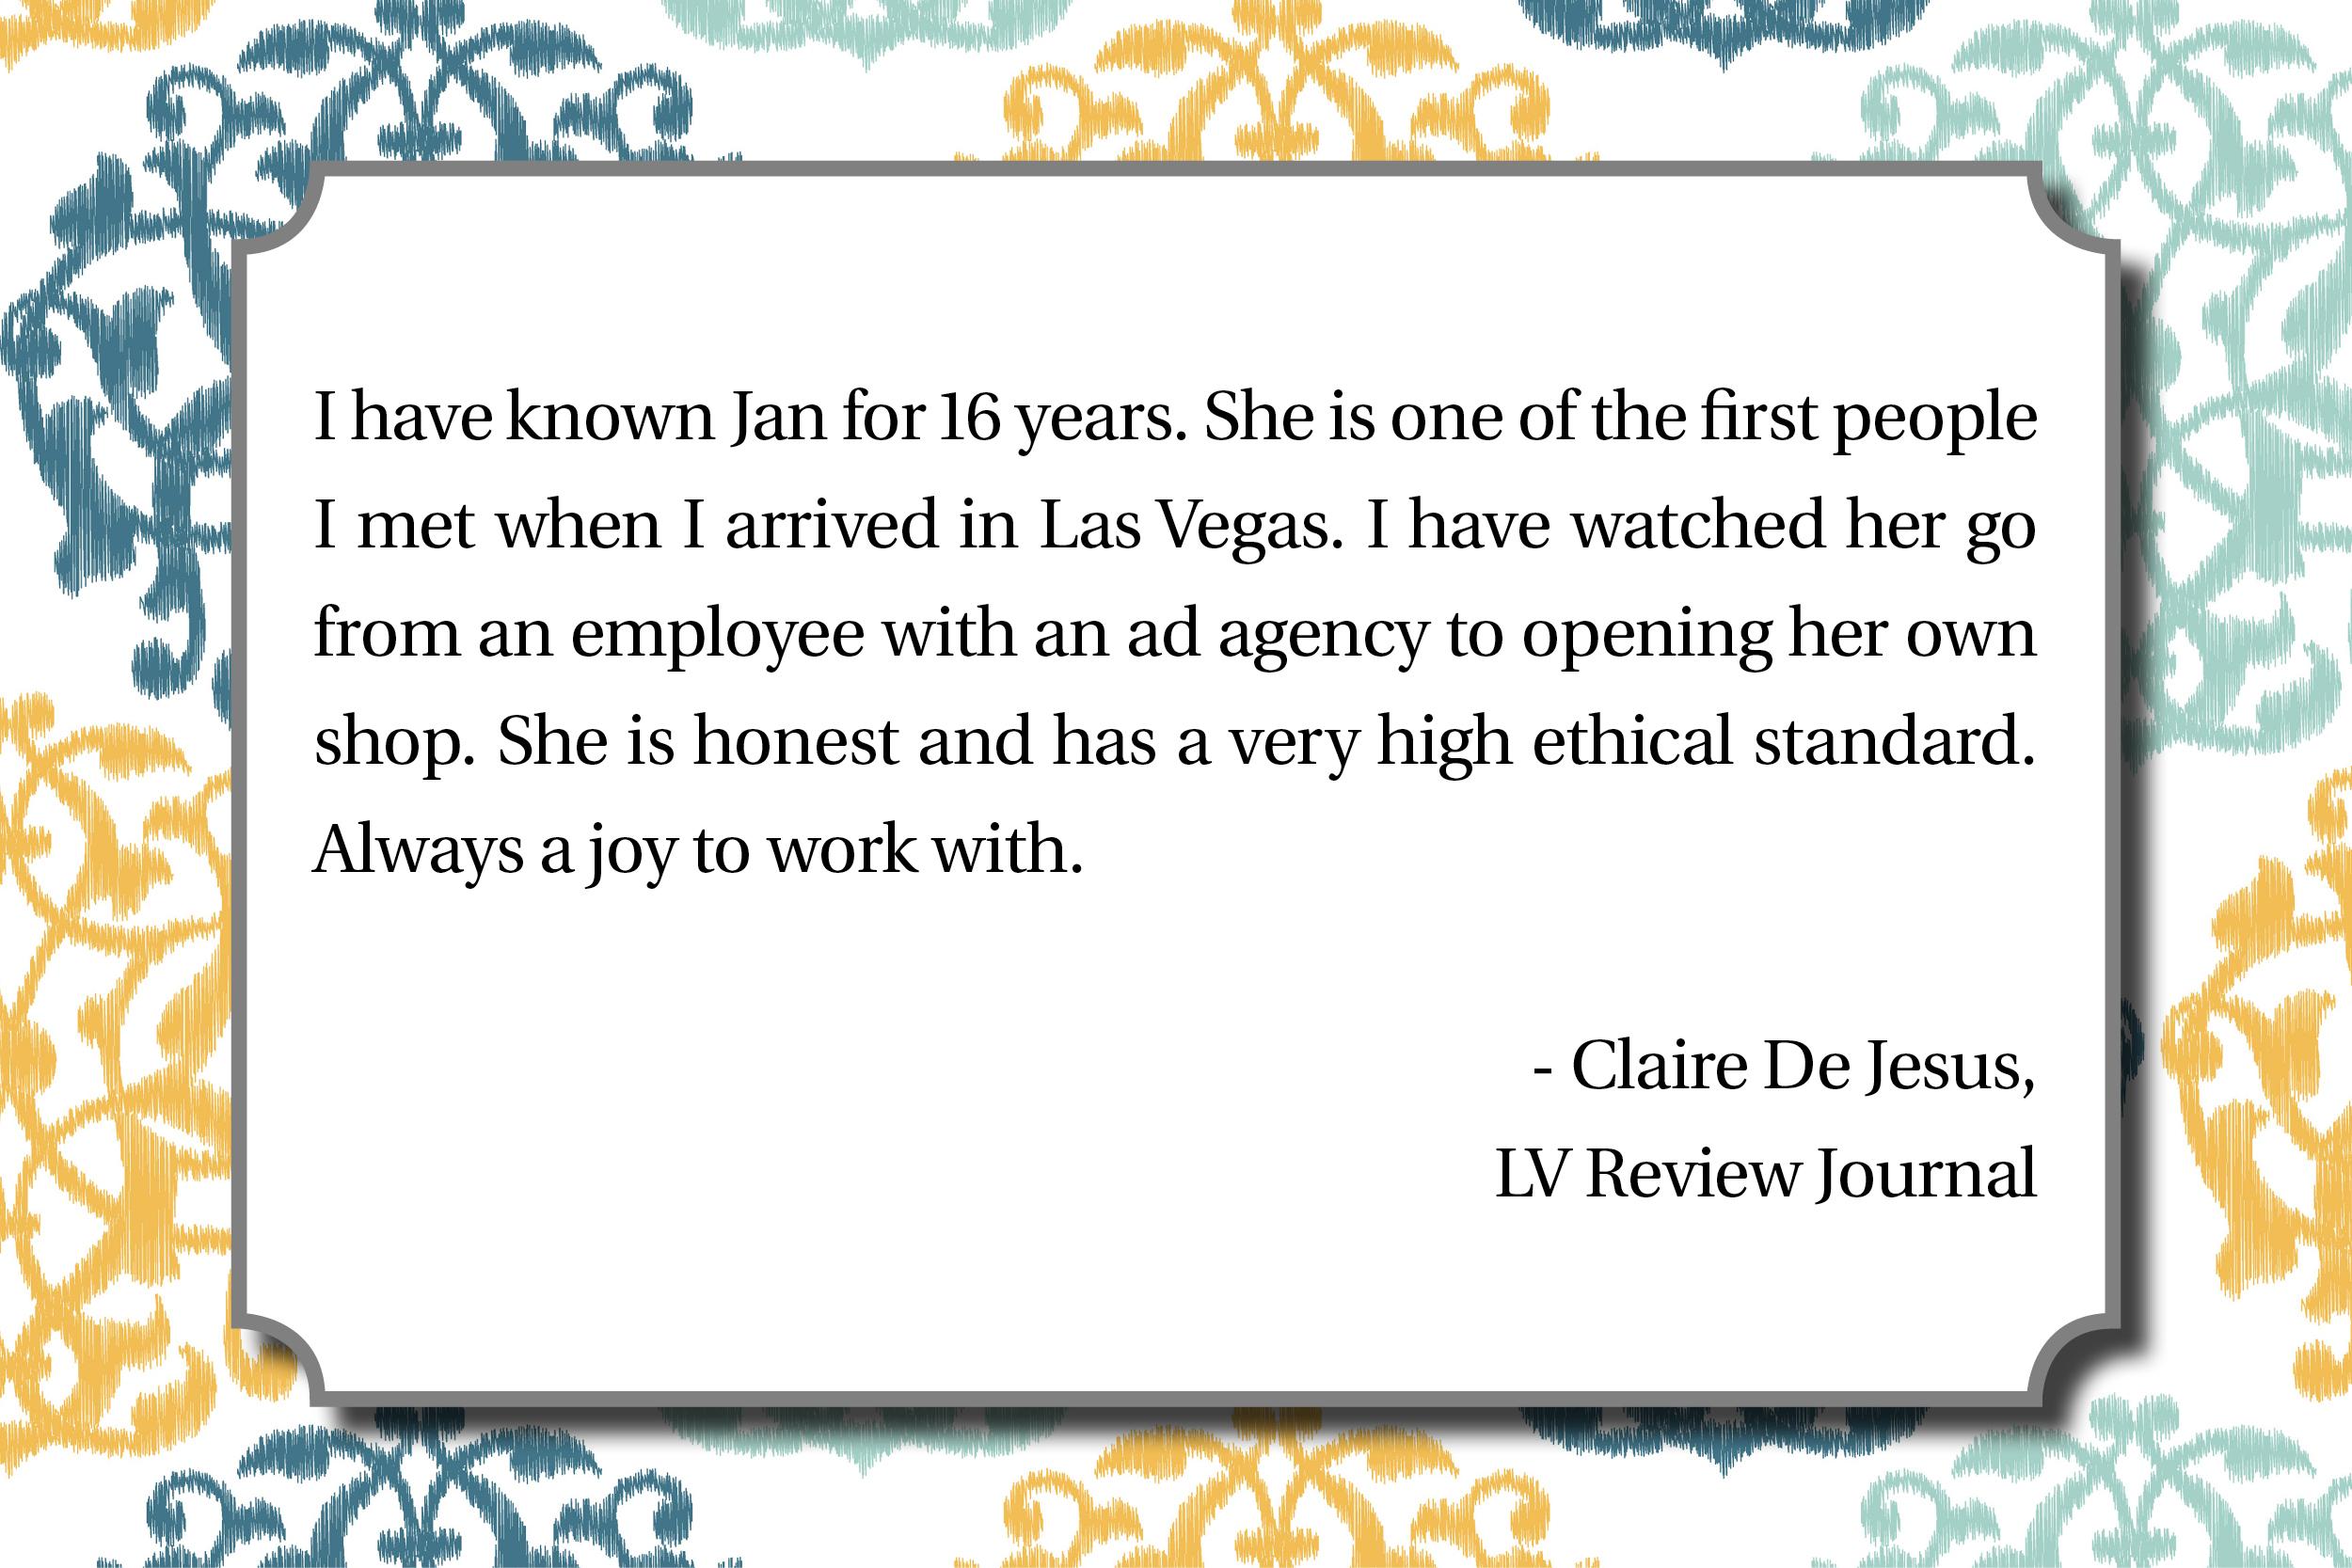 LV Review Journal - Claire De Jesus